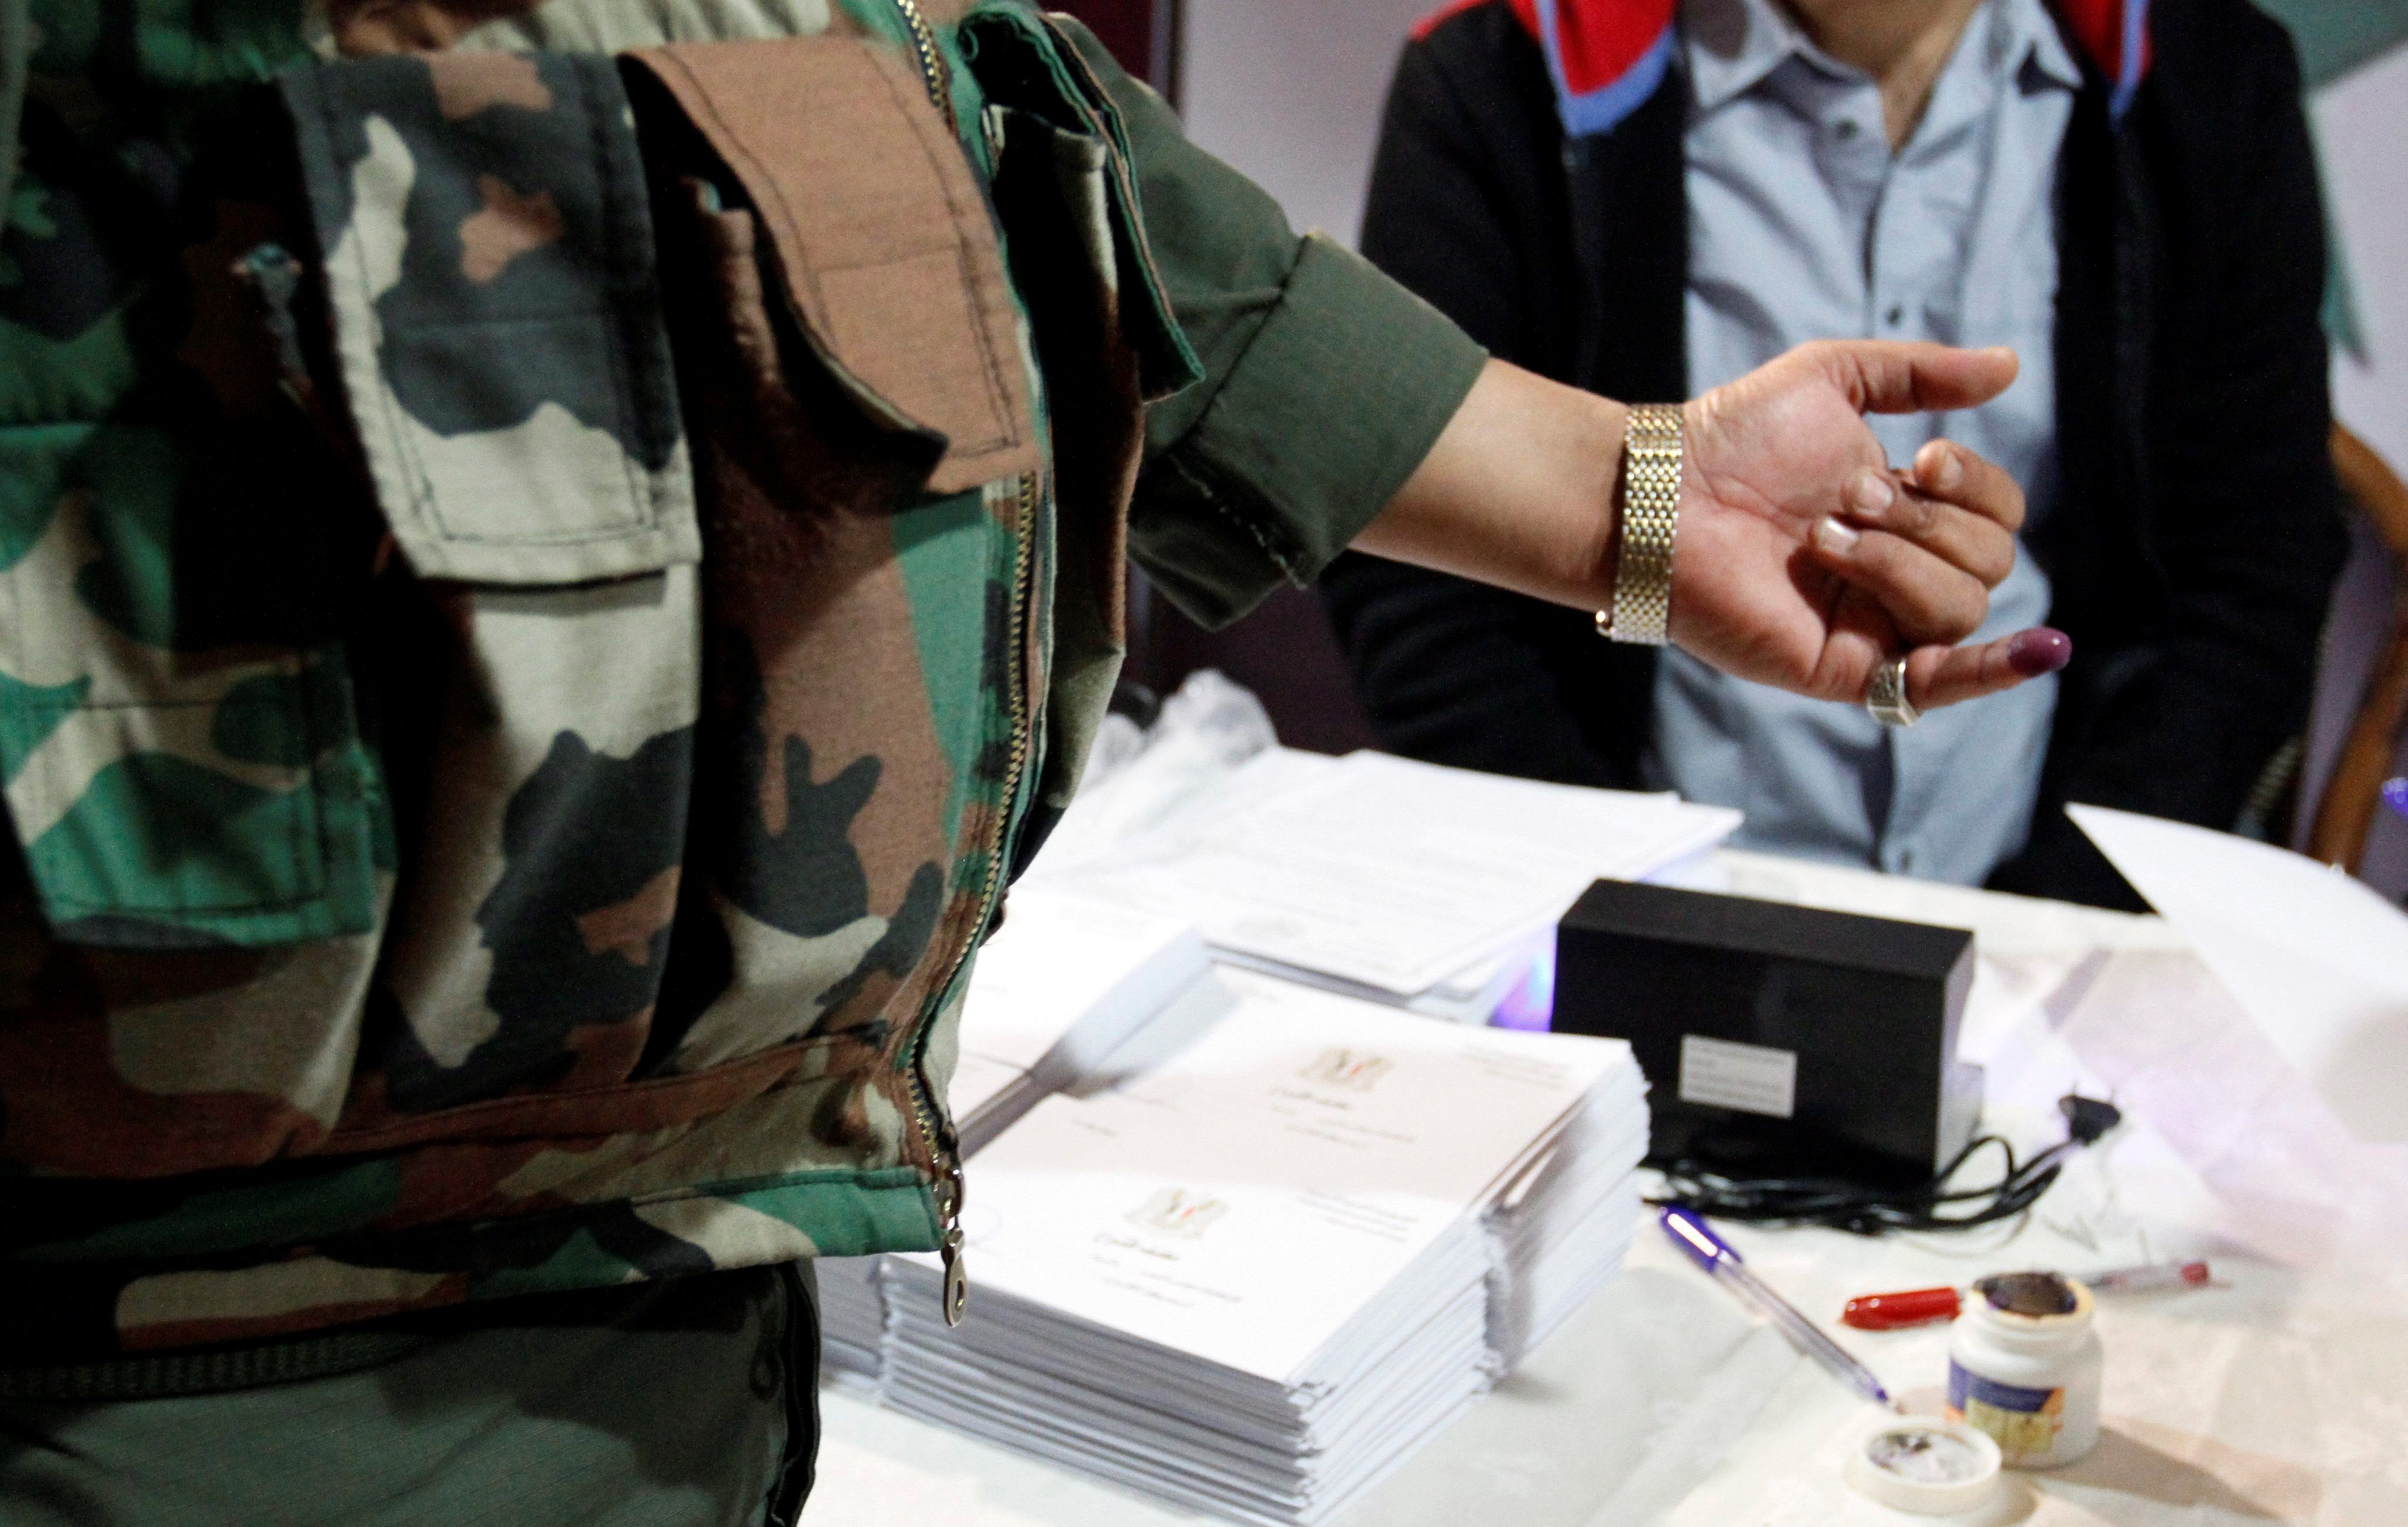 Un soldado mancha su dedo en tinta tras ejercer su derecho al voto en un colegio electoral en Damasco (Siria). EFE/Youssef Badawi/Archivo